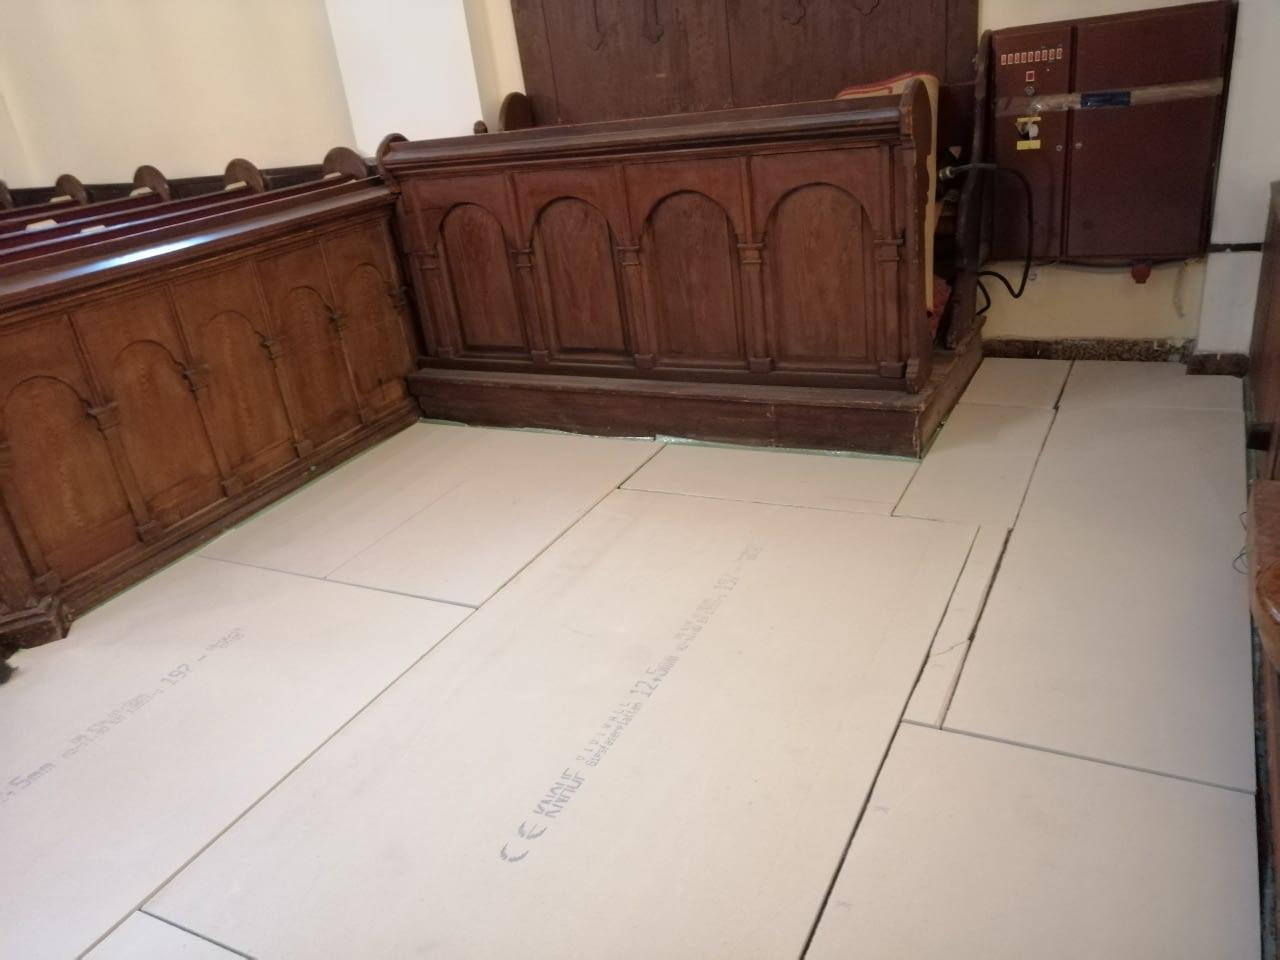 Infra padlófűtés korszerűsítés Evangélikus egyház Szeged (9)